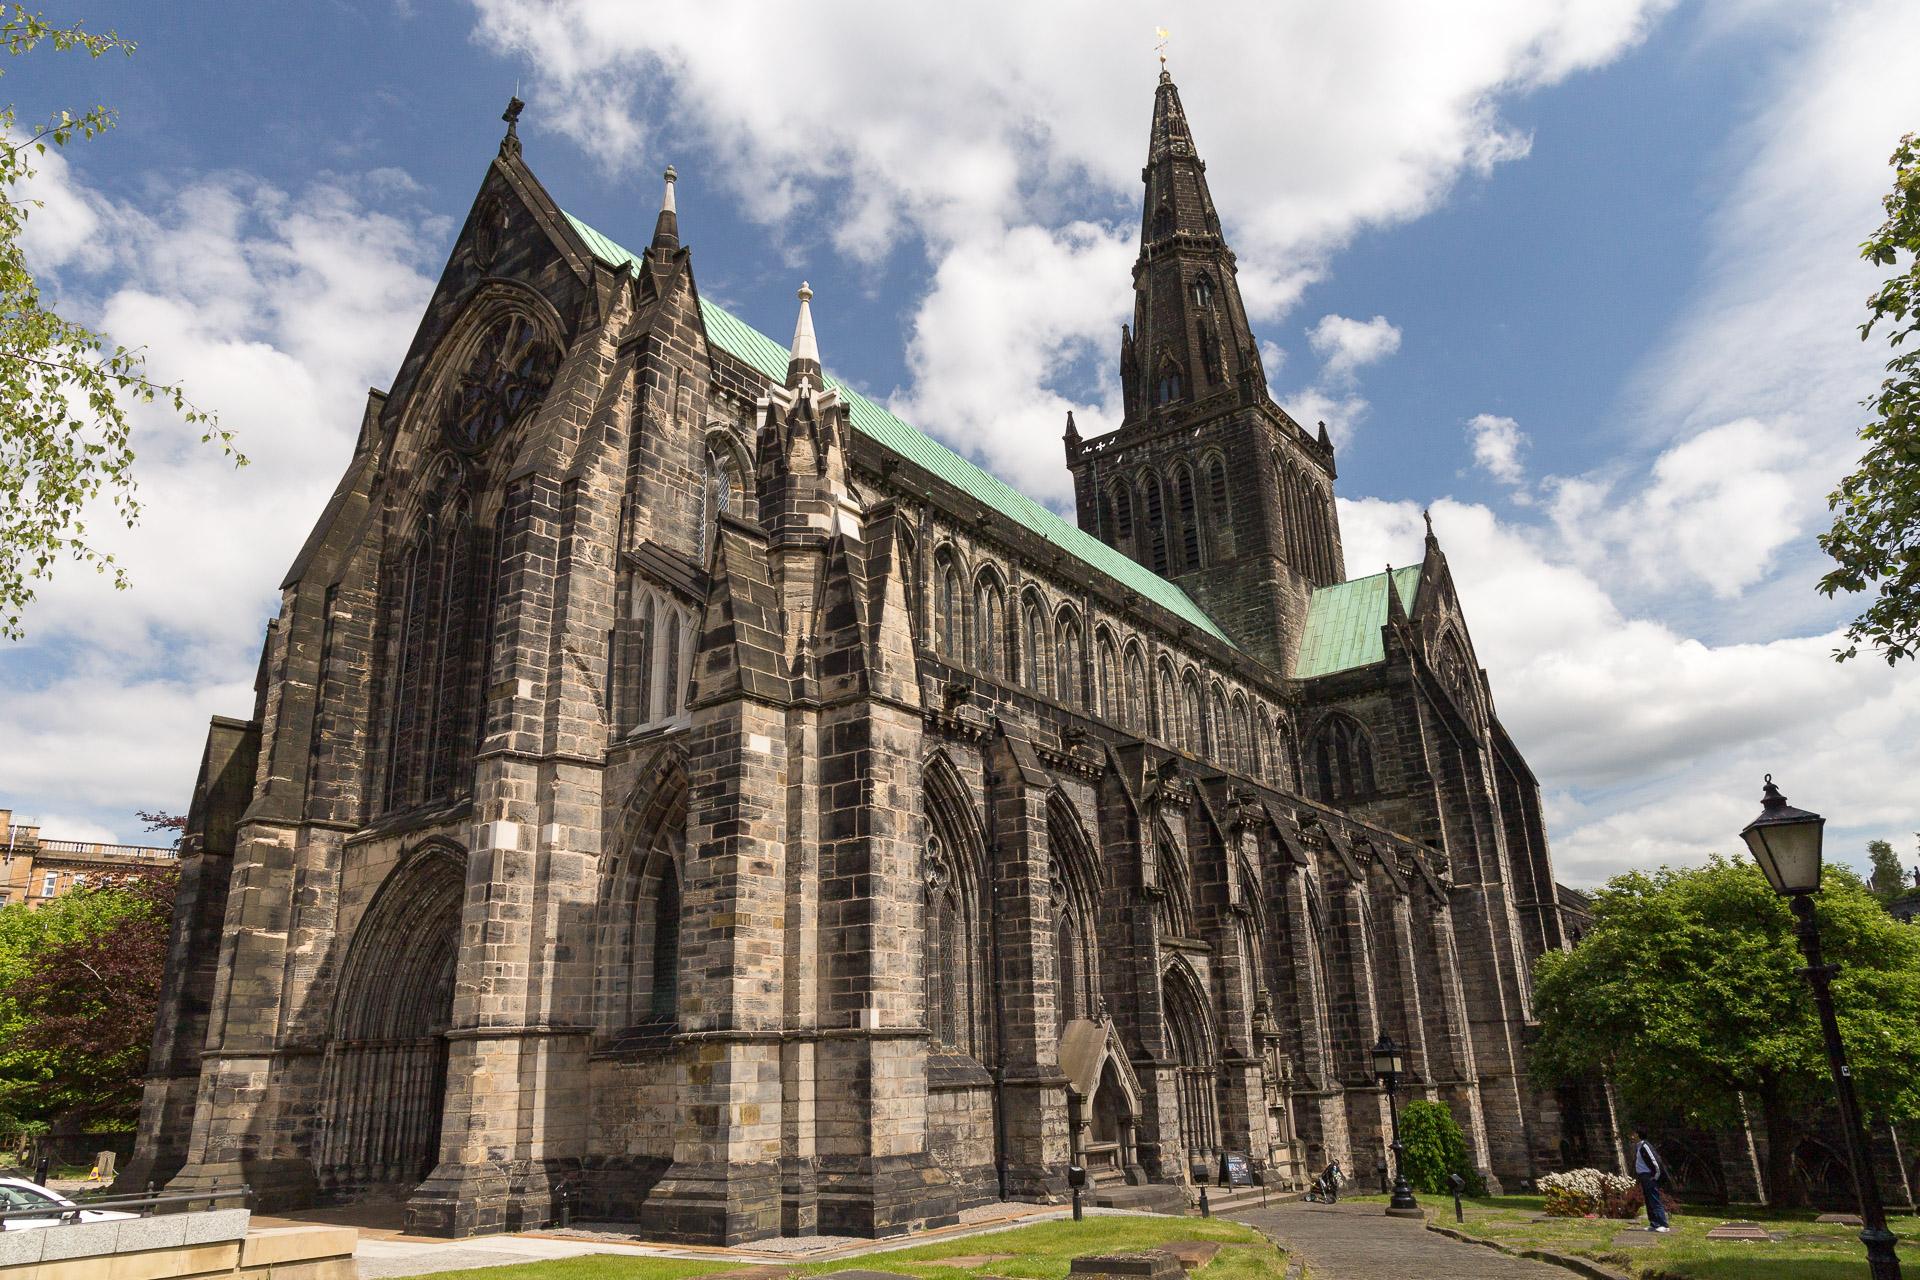 Glasgow Cathedral von außen